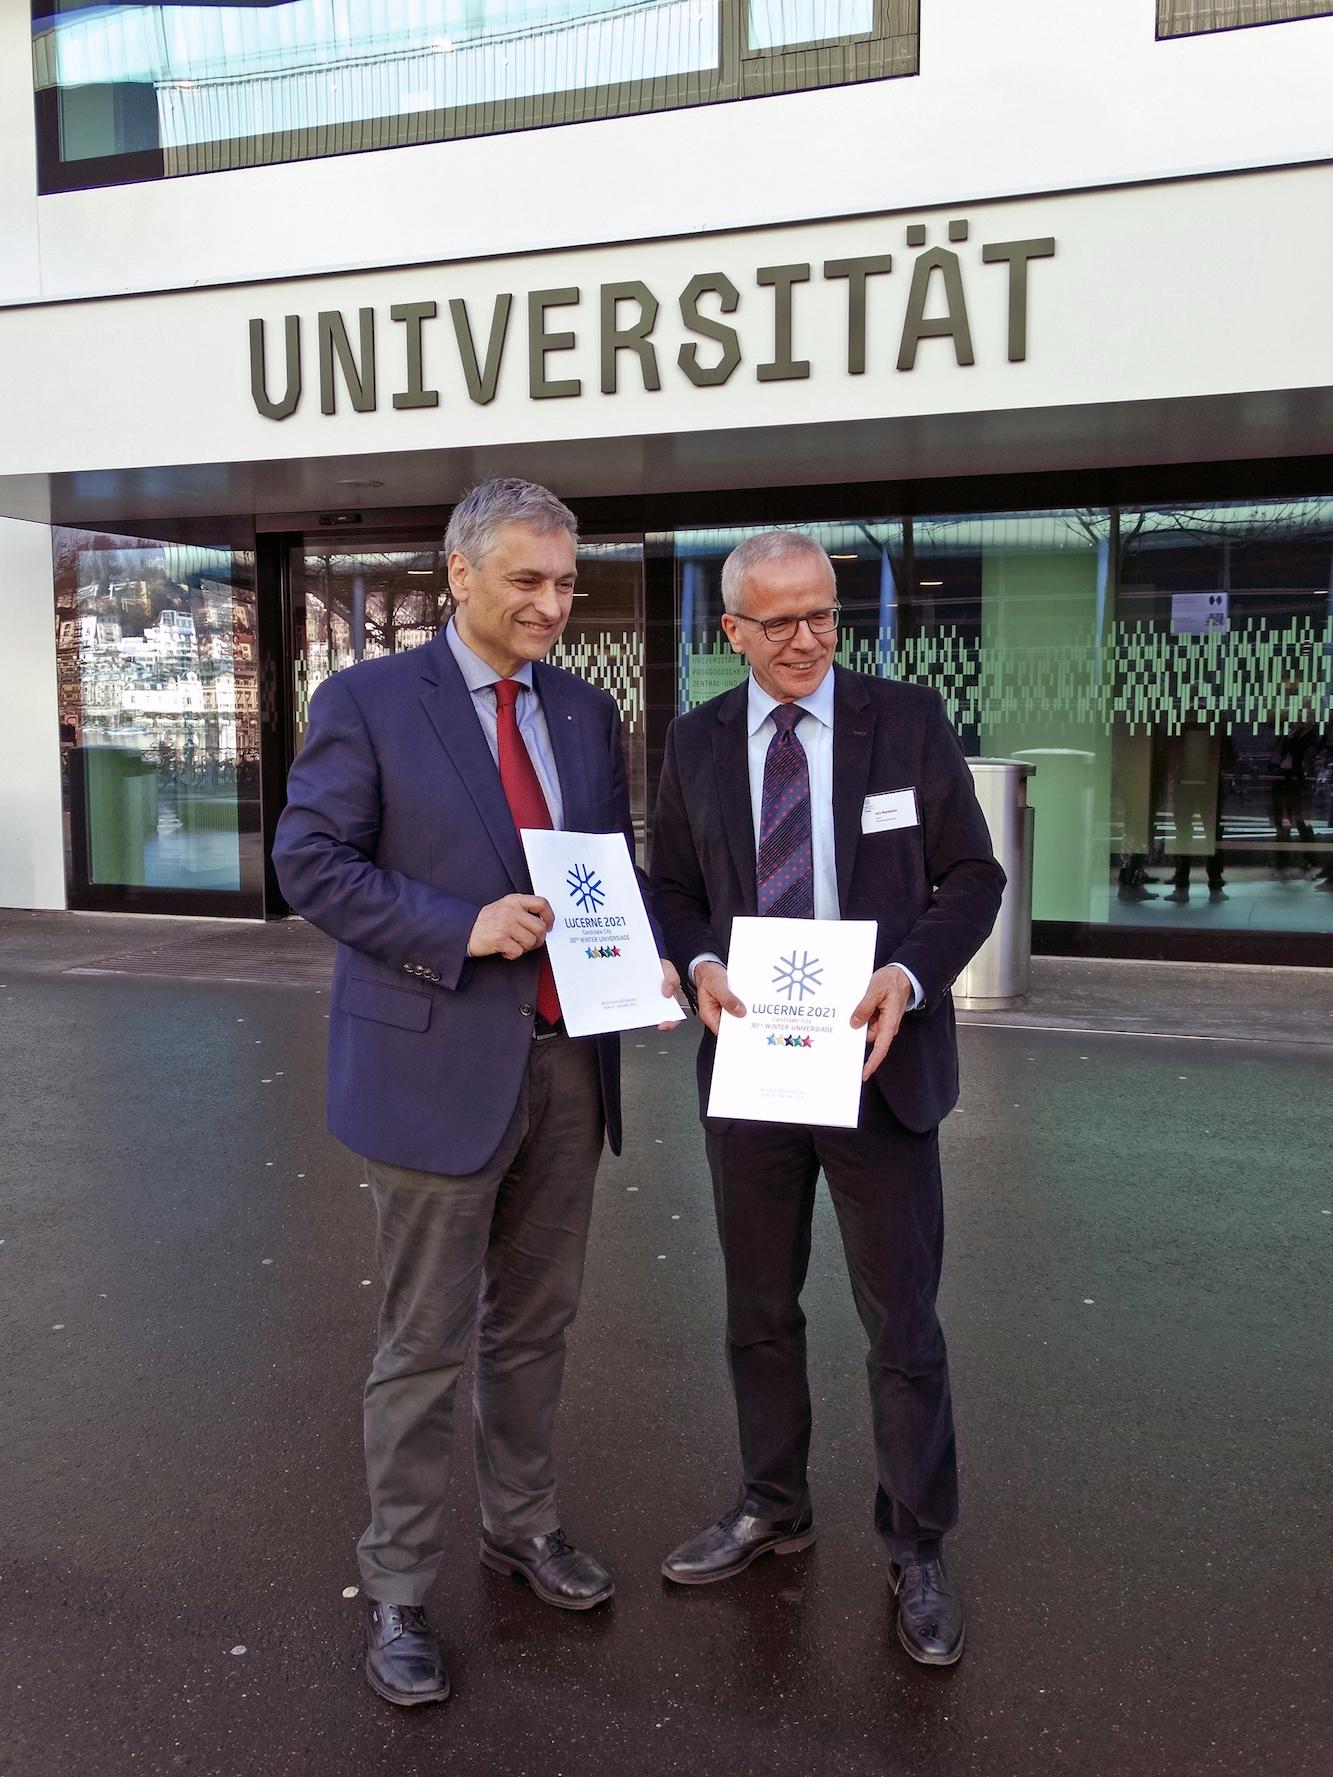 Urs Hunkeler (rechts), Leiter des Bewerbungskomitees, und der Luzerner Regierungsrat Guido Graf präsentierten im Januar die Kandidatur passenderweise vor der Universität Luzern.